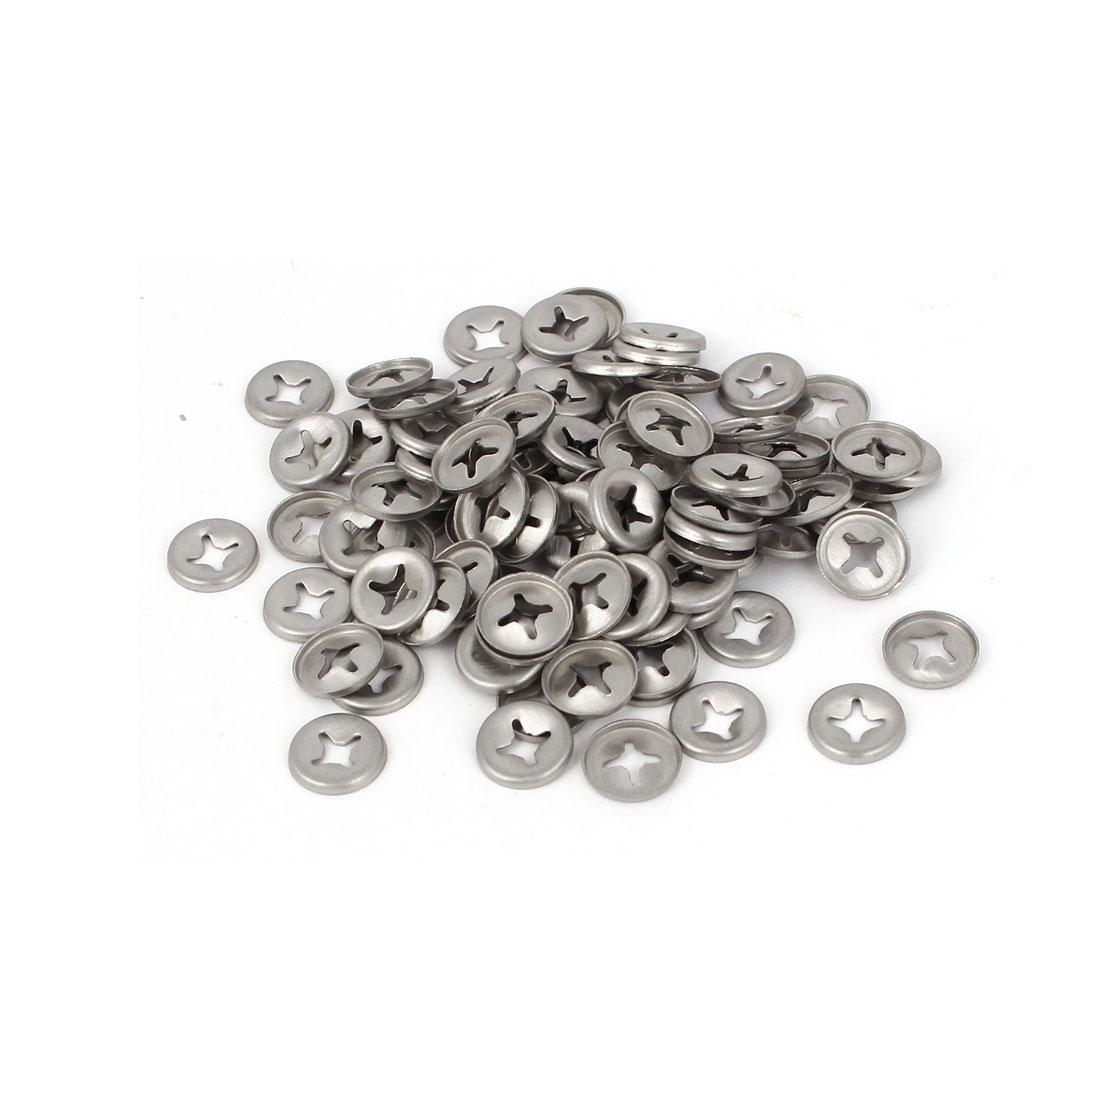 3mm x 9.6mm x 1.2mm 304 Stainless Steel Starlock Locking Washers 100 Pcs